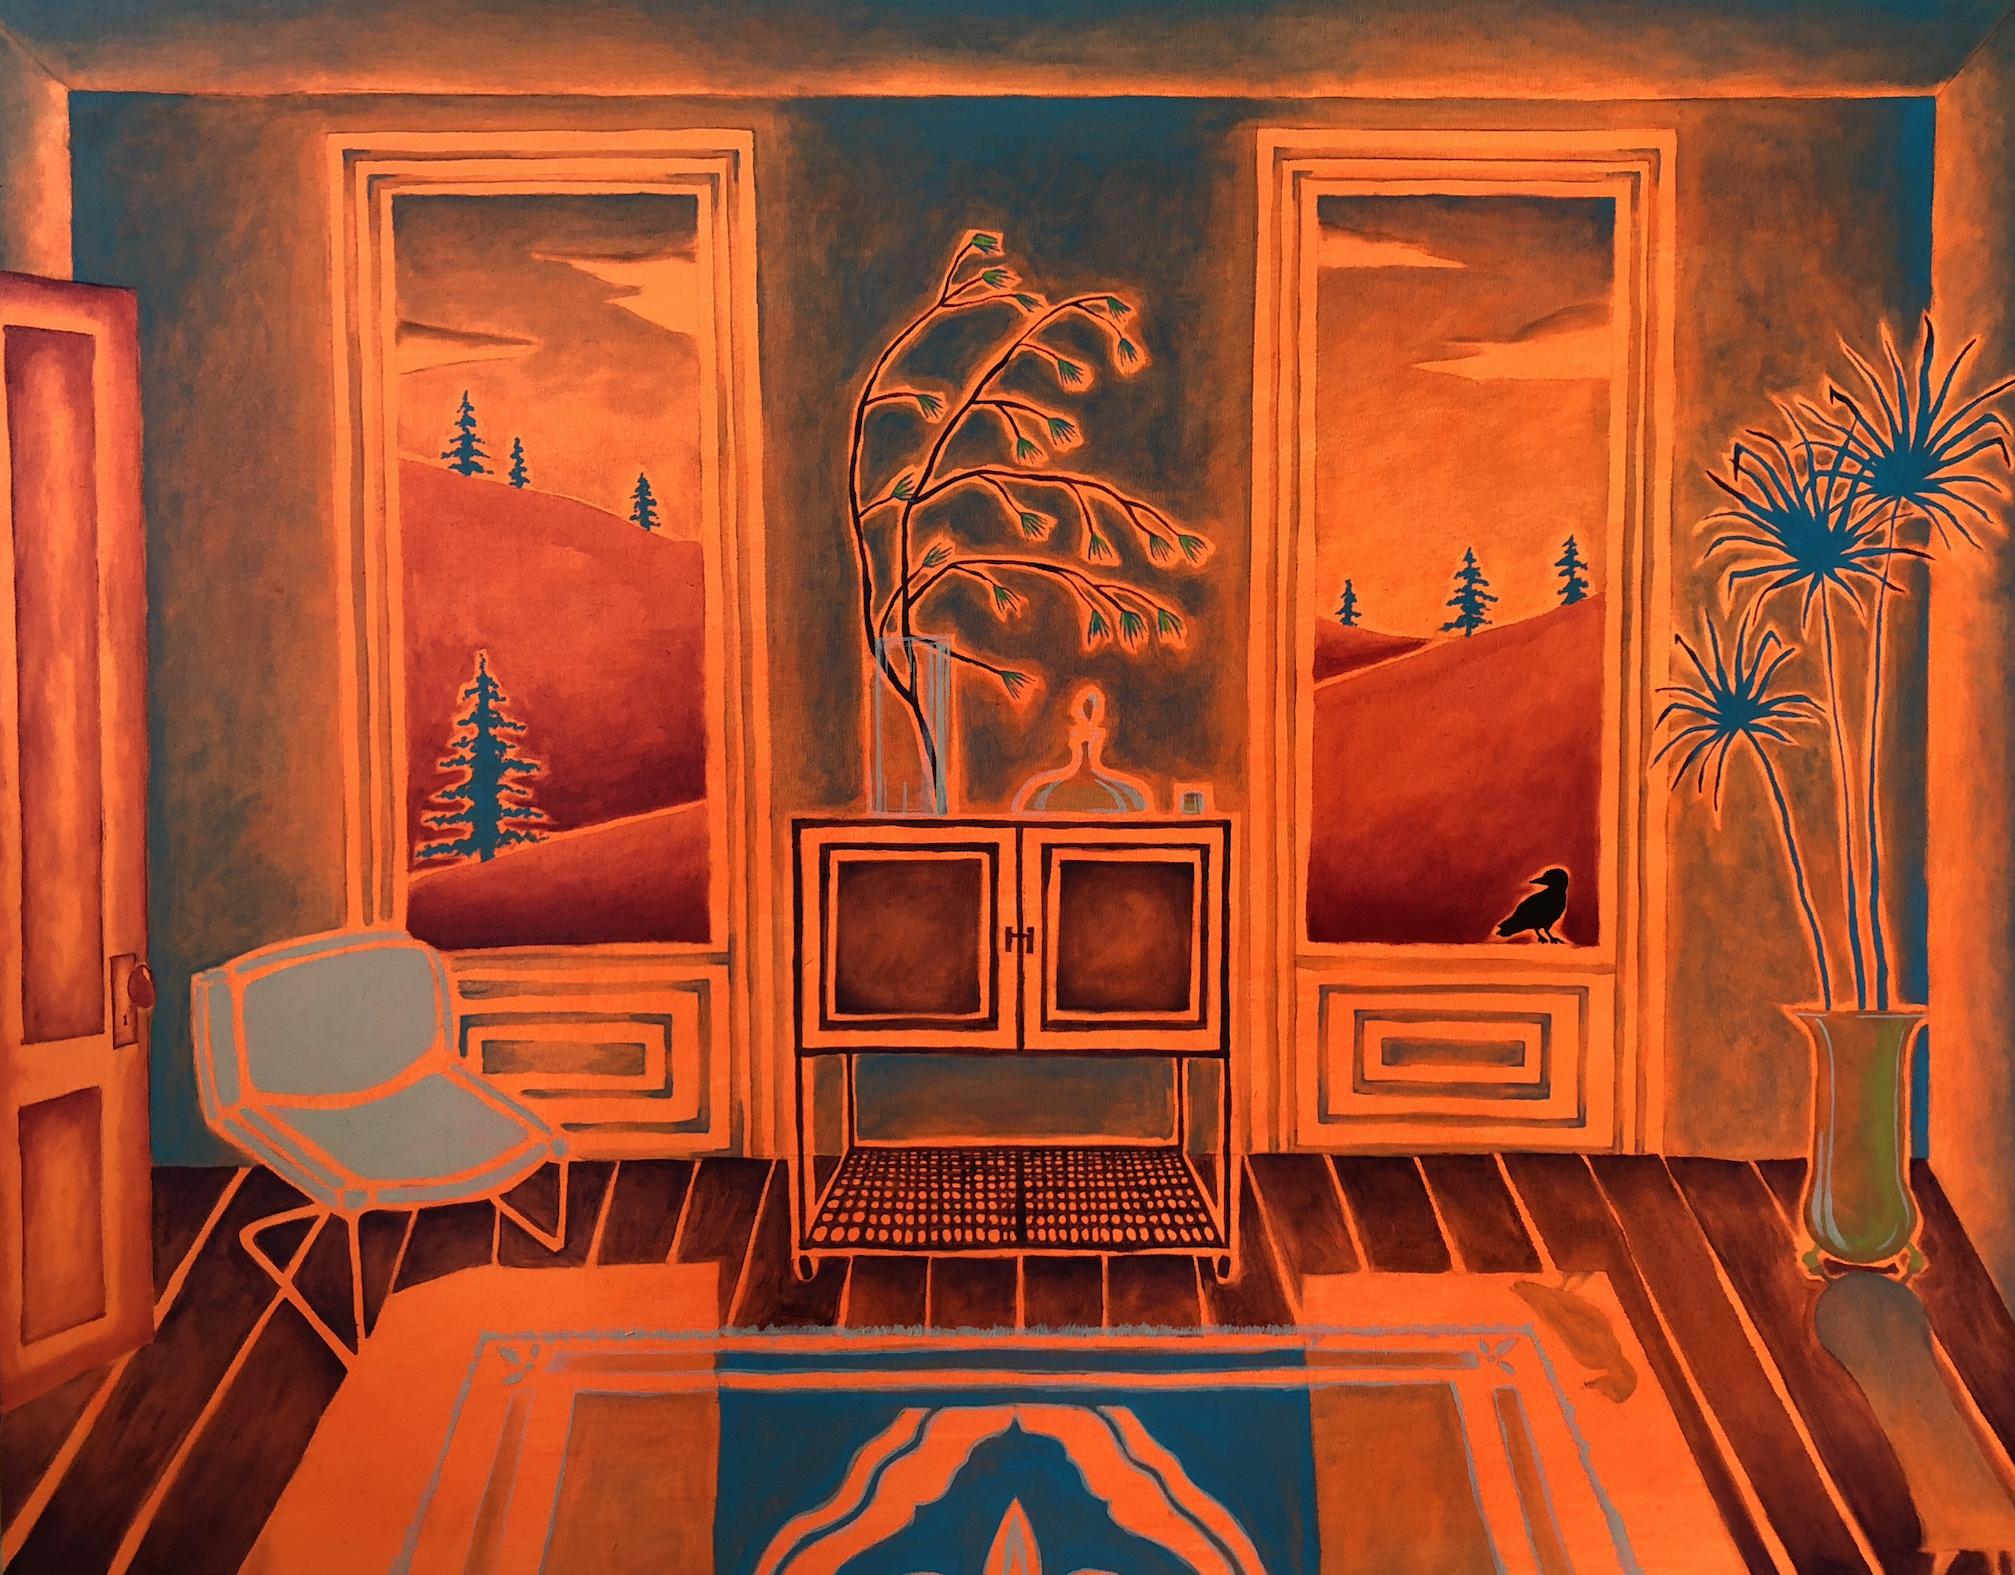 The_Parlor_at_Dusk_2018_Acrylic_and_Oil_on_Canvas_92_x_117_cm.jpg